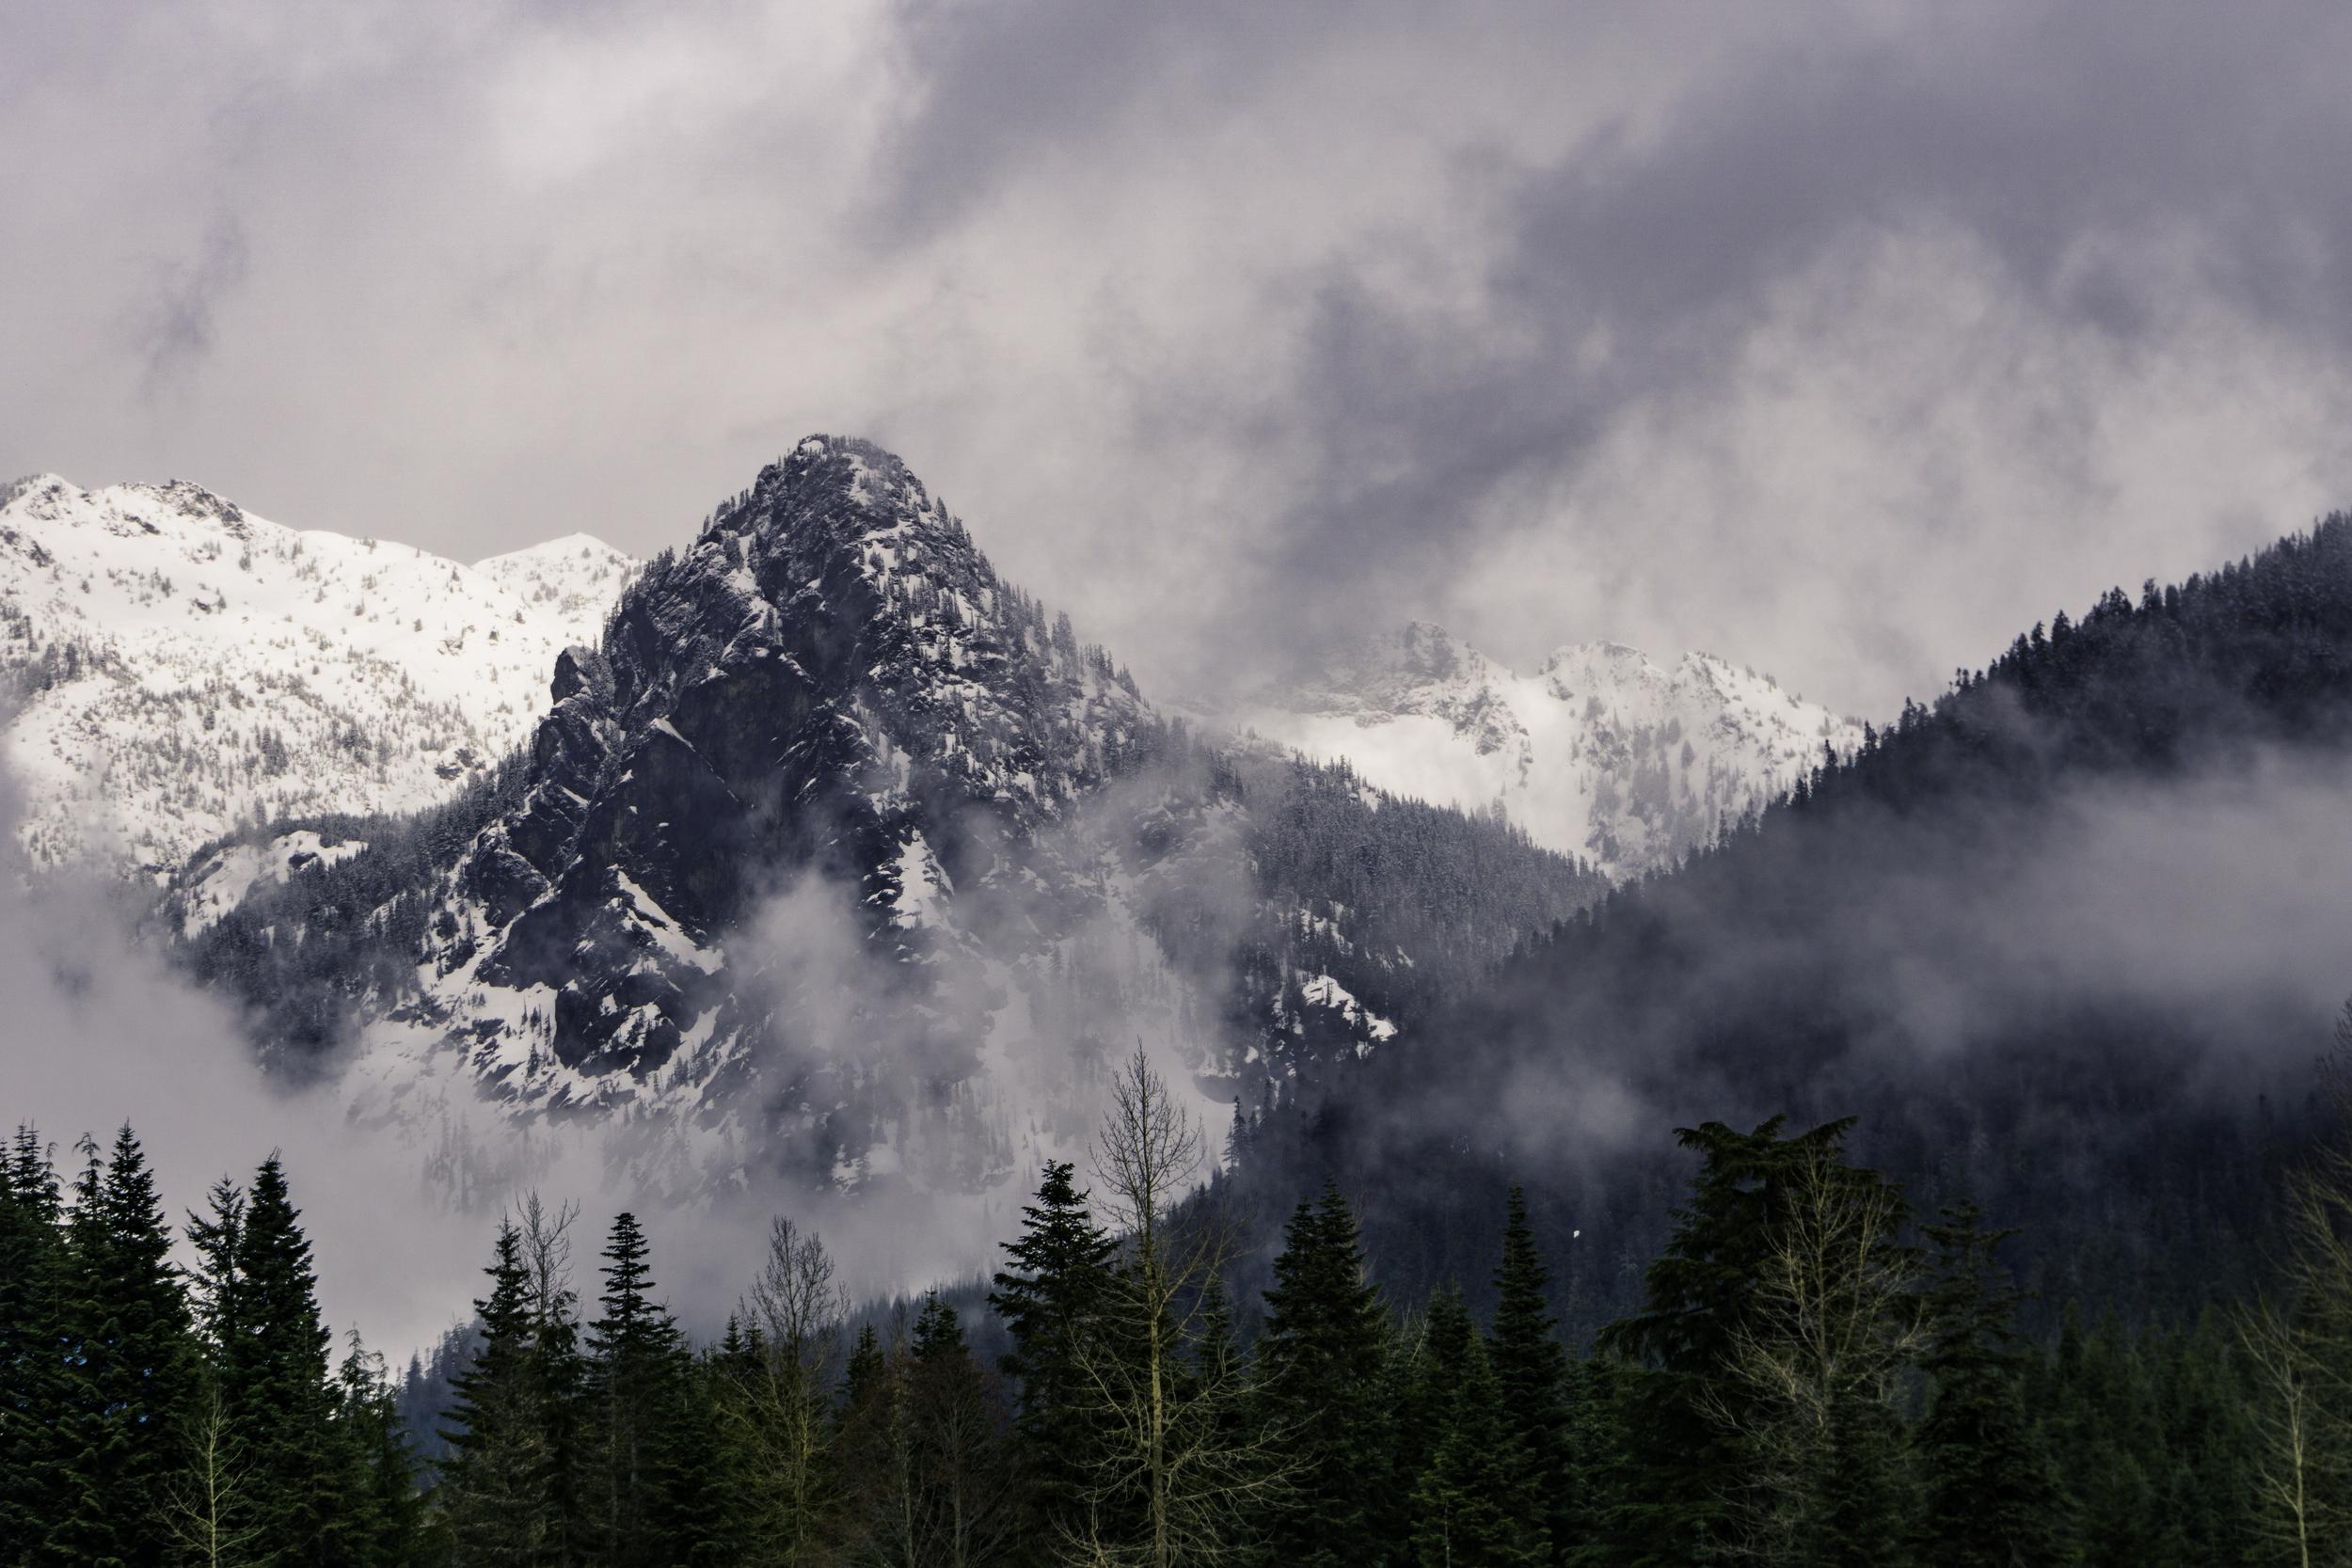 #pnw #mountains #snow